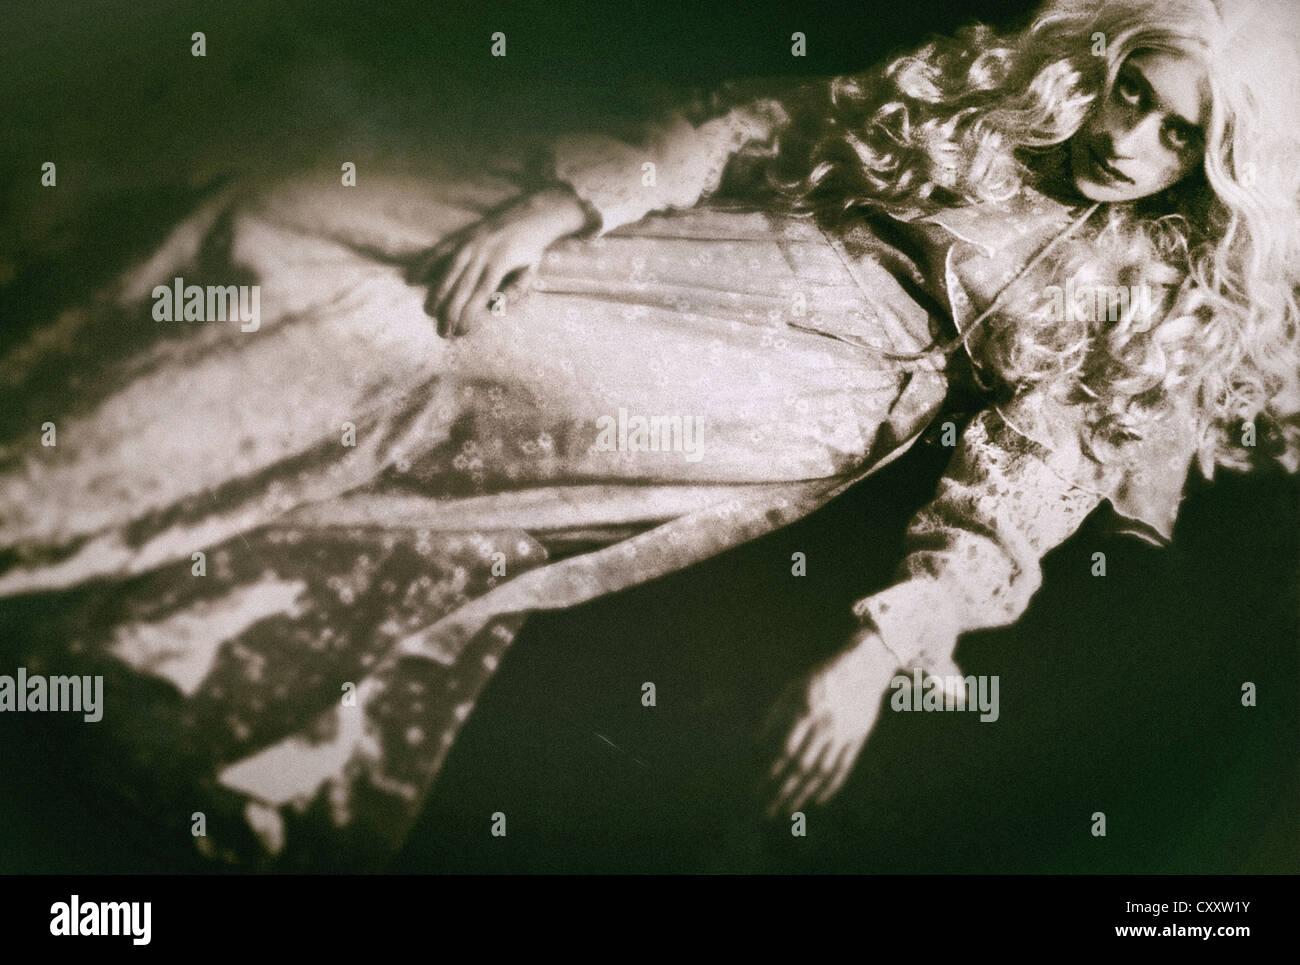 Eine Frau in einem weißen Kleid mit einem blassen Teint und weiße Haare auf dem Boden liegend, starrte Stockbild